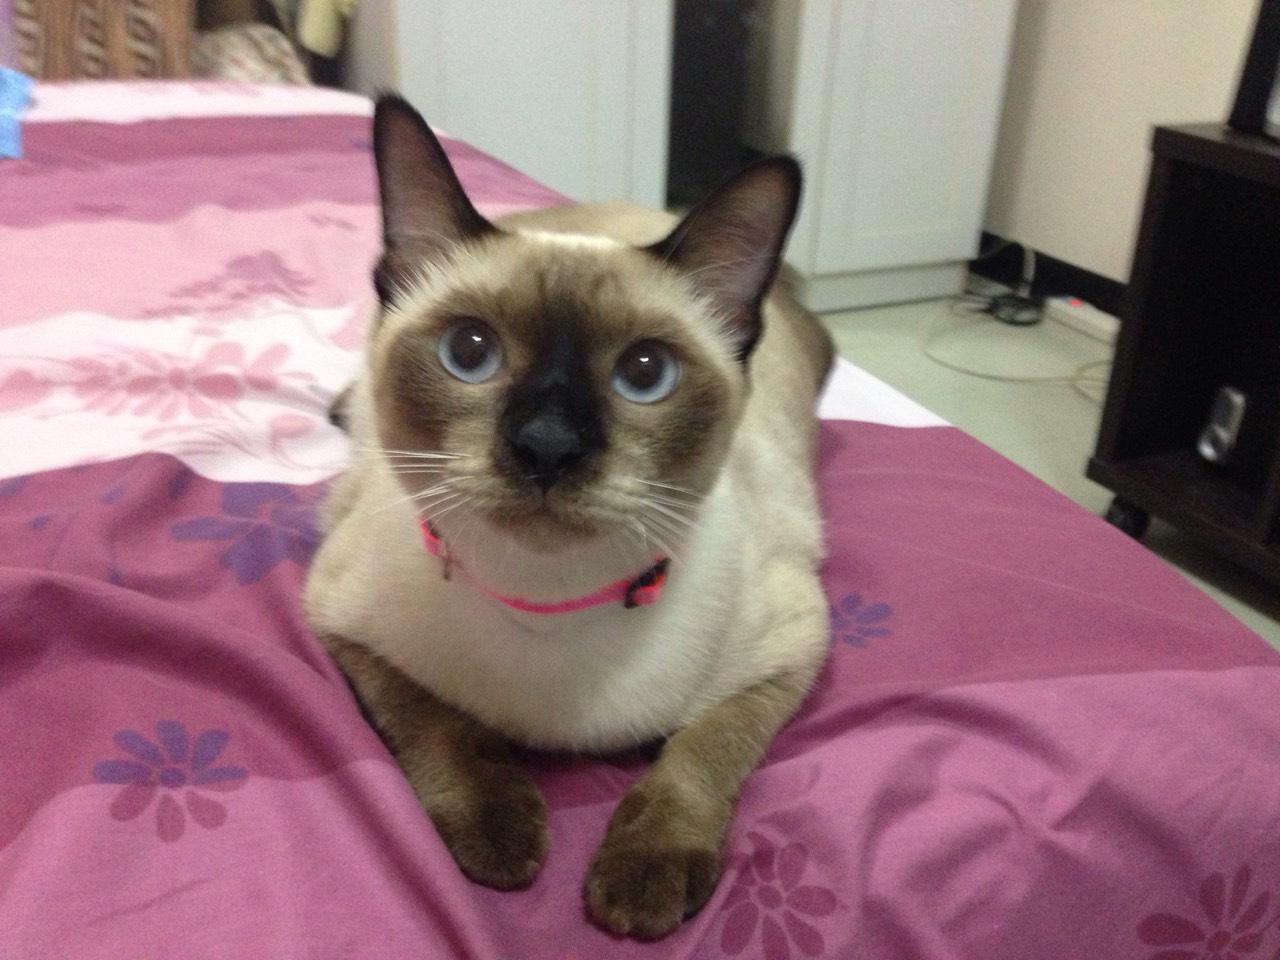 ซื้อขายแมววิเชียรมาศขาวมณีสีสวาดโคราชเปอร์เซียS__999443